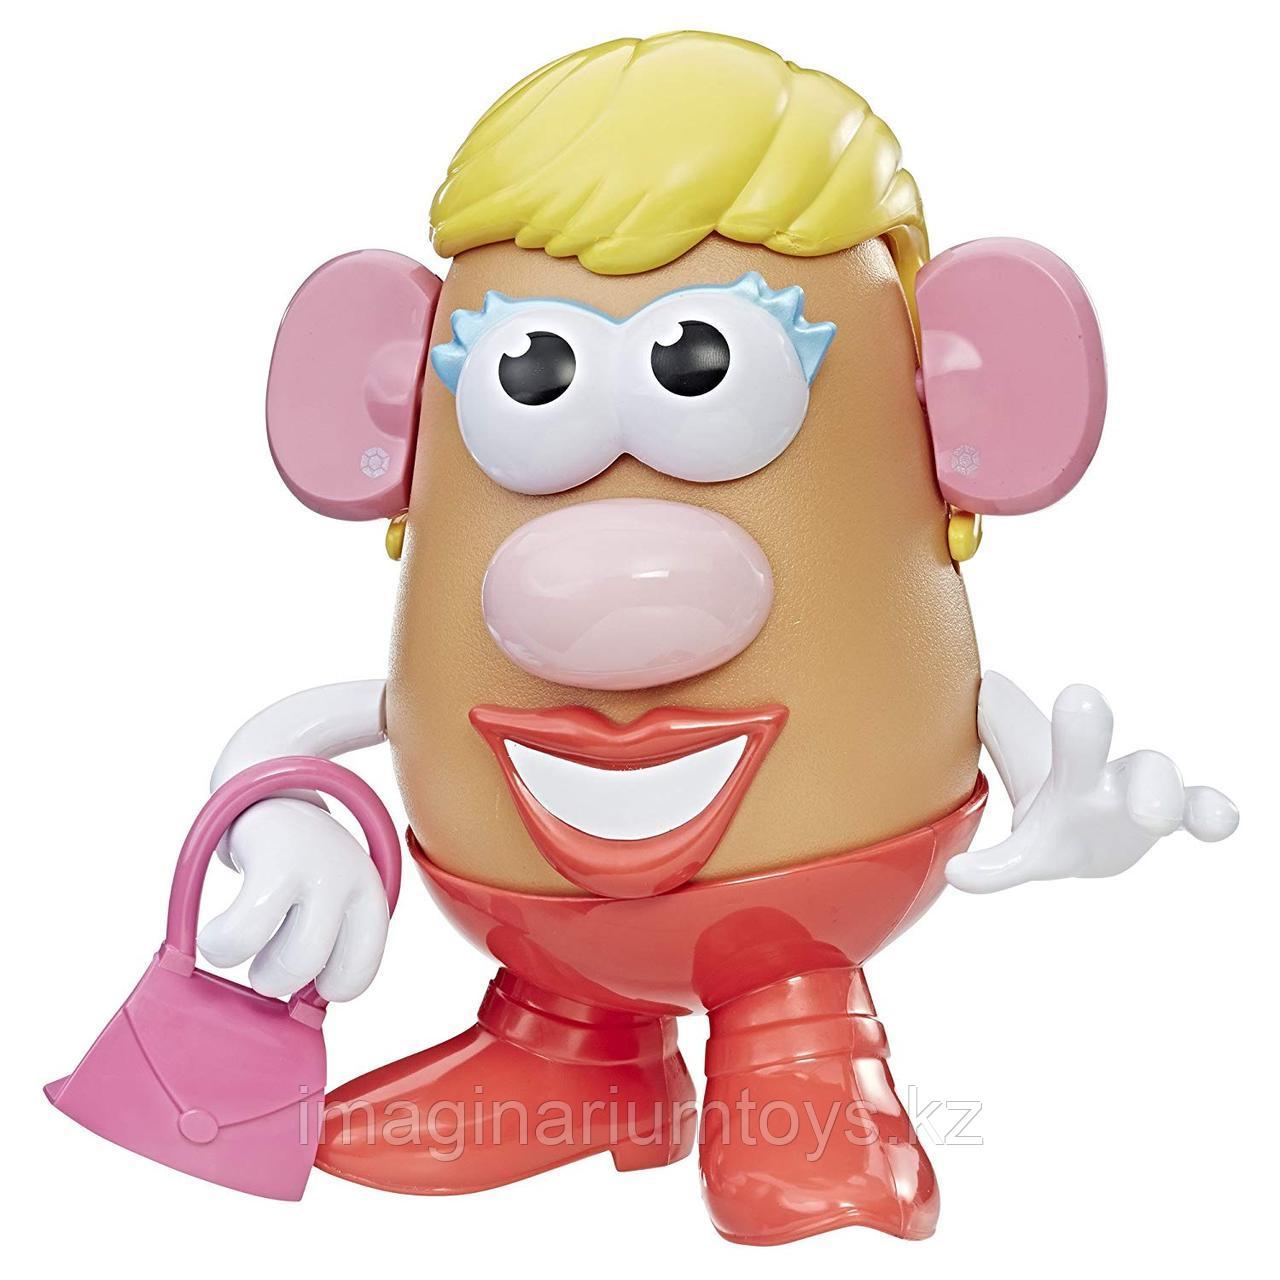 Мисс Картофельная Голова из м/ф «История игрушек»